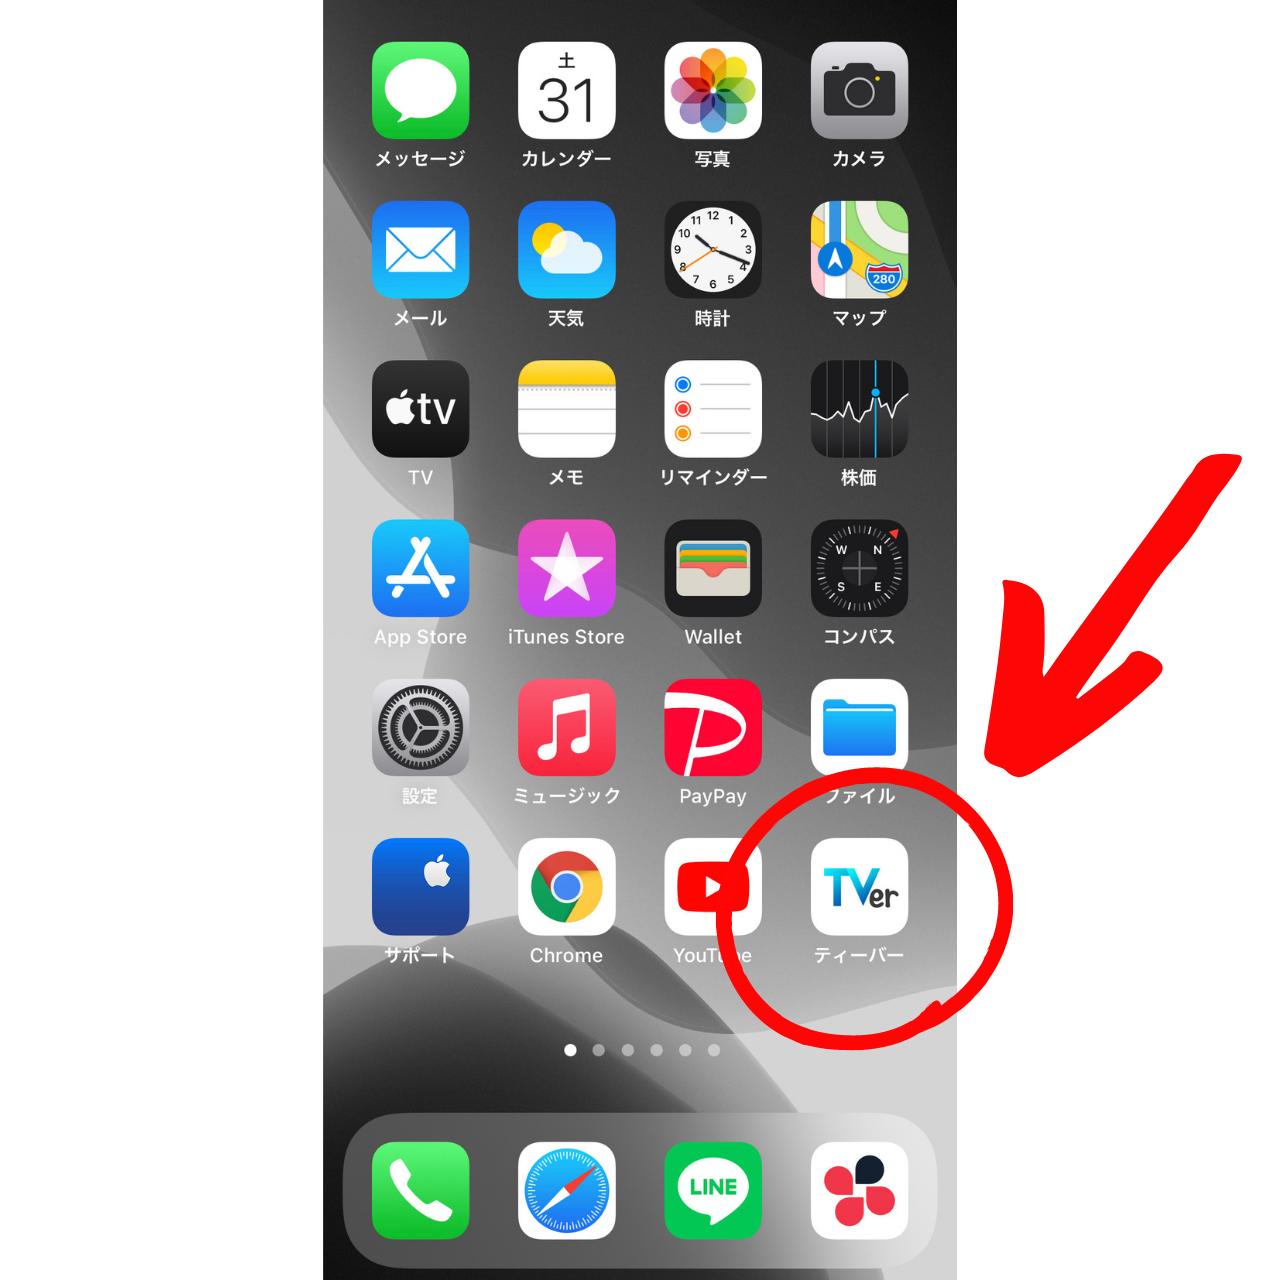 ホーム画面に表示されているTVerアプリの画像